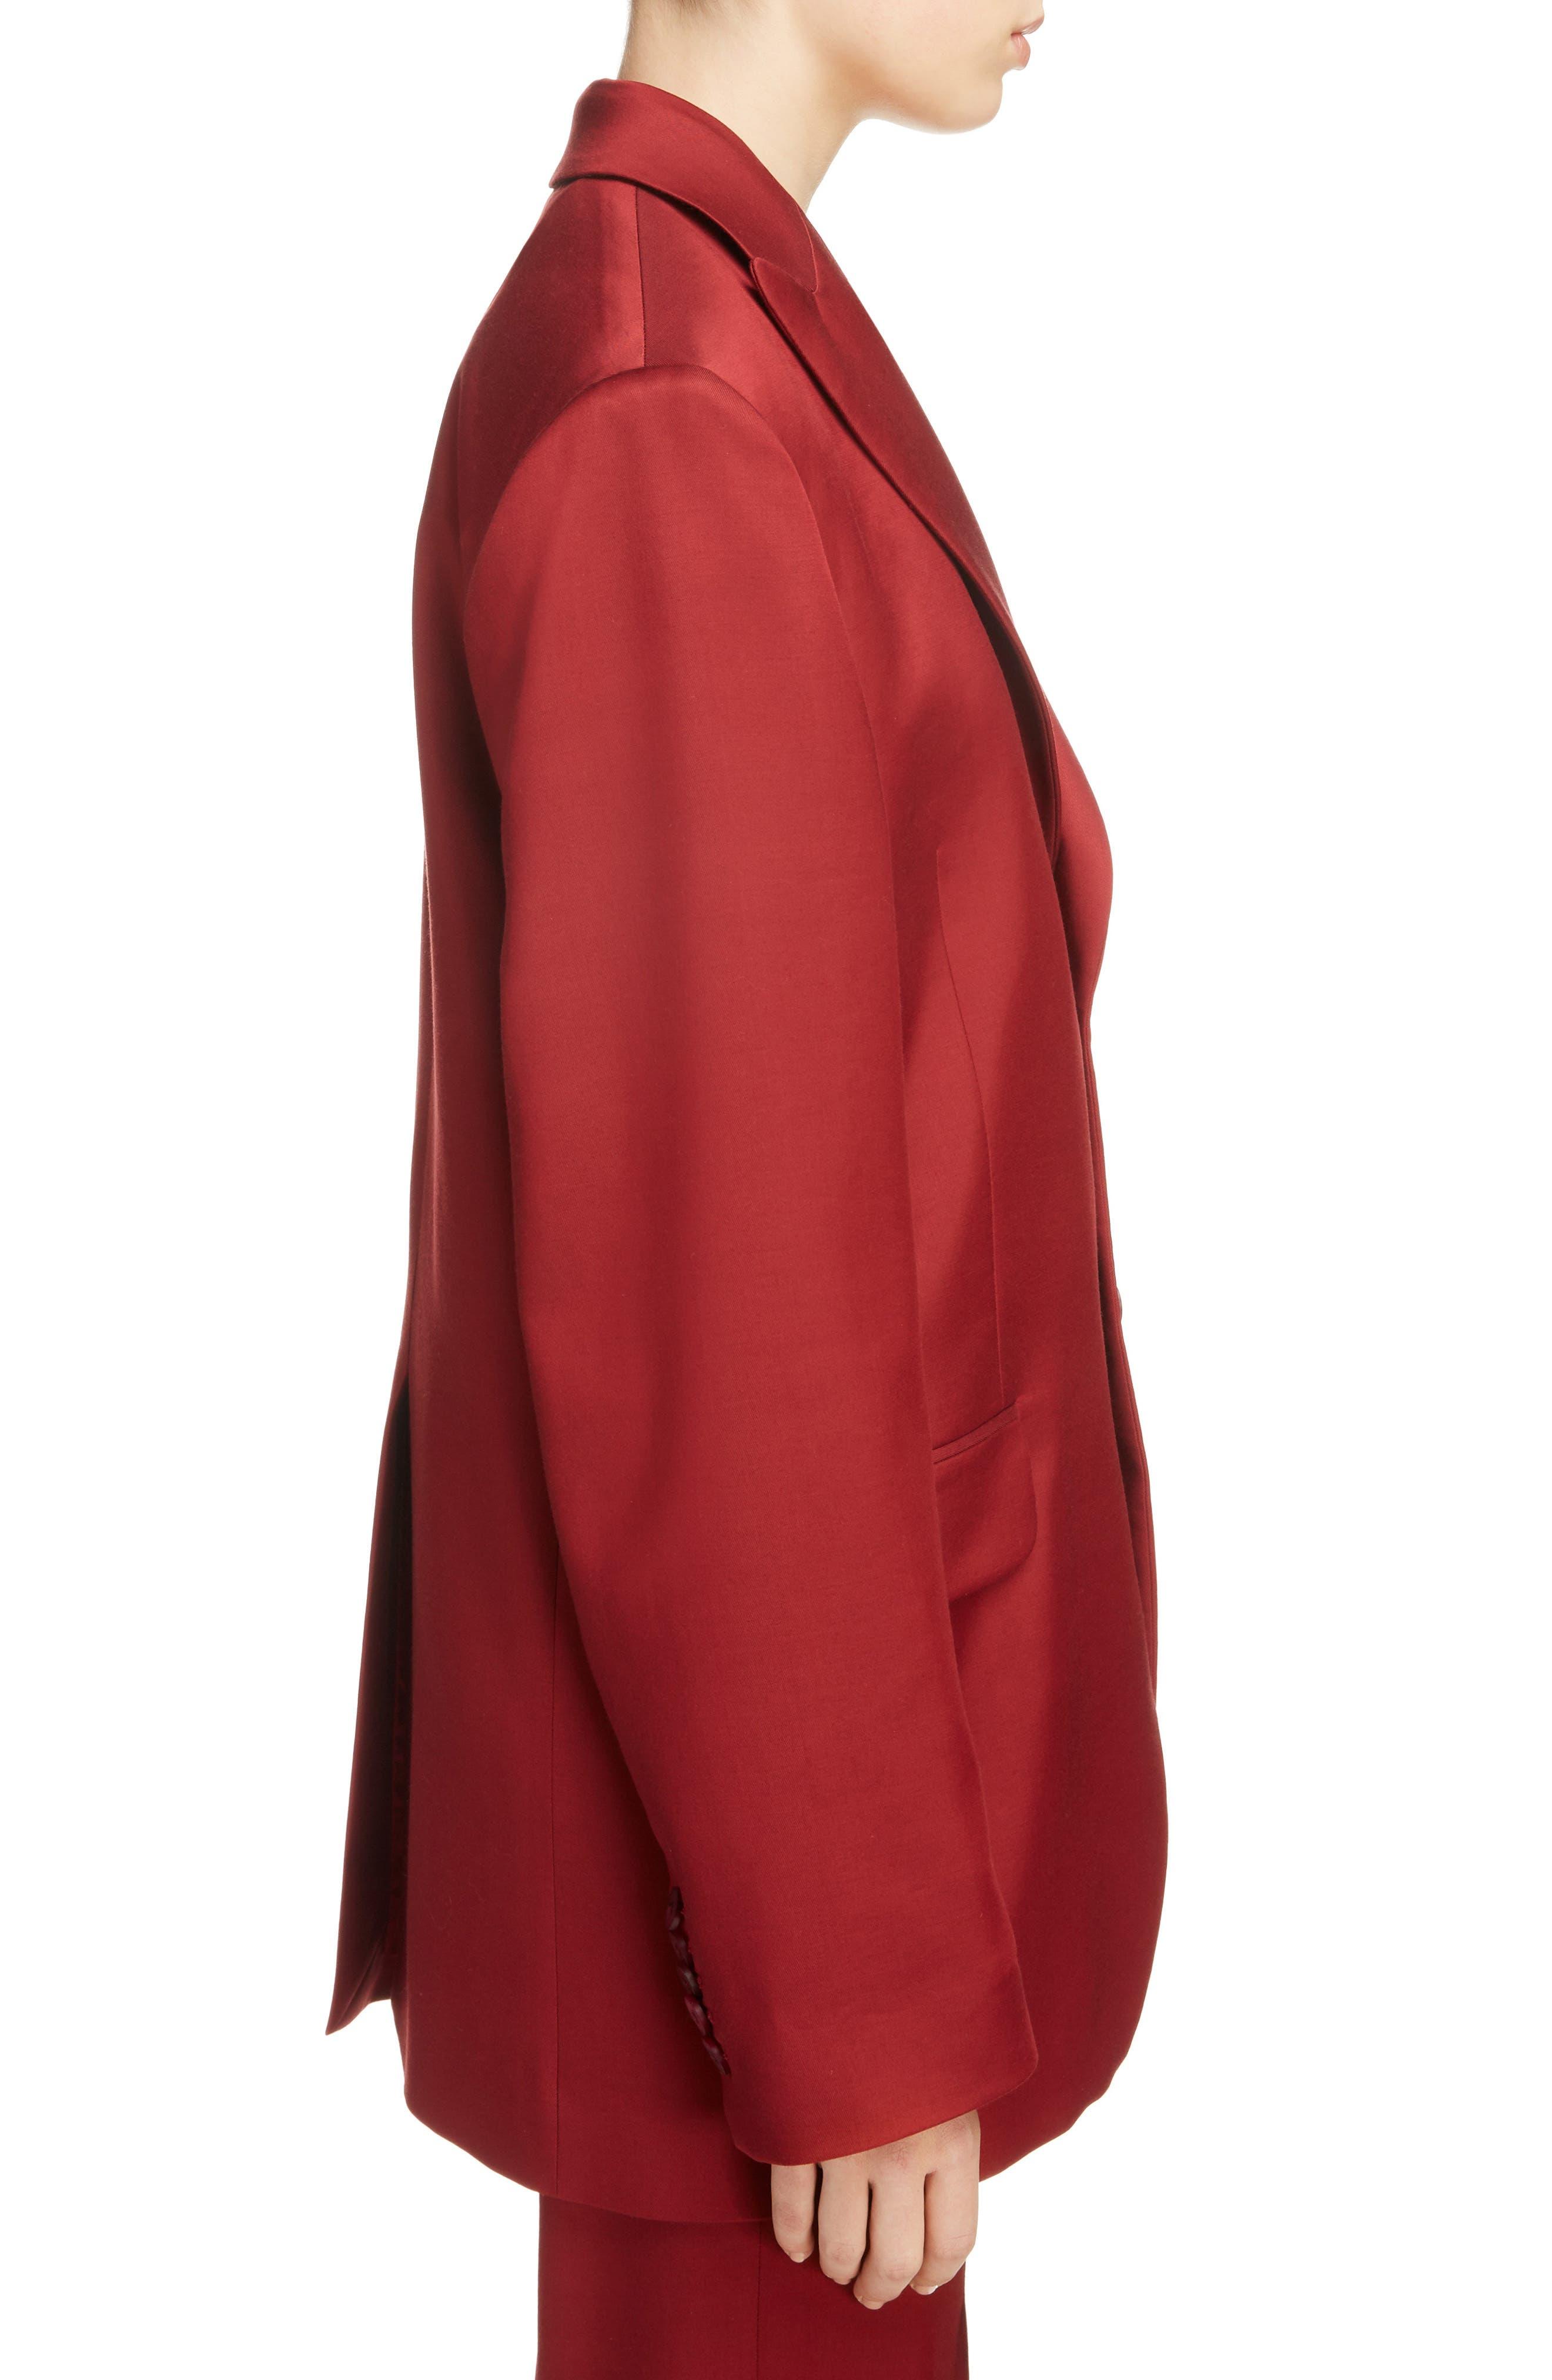 Jaria Suit Jacket,                             Alternate thumbnail 5, color,                             Crimson Red